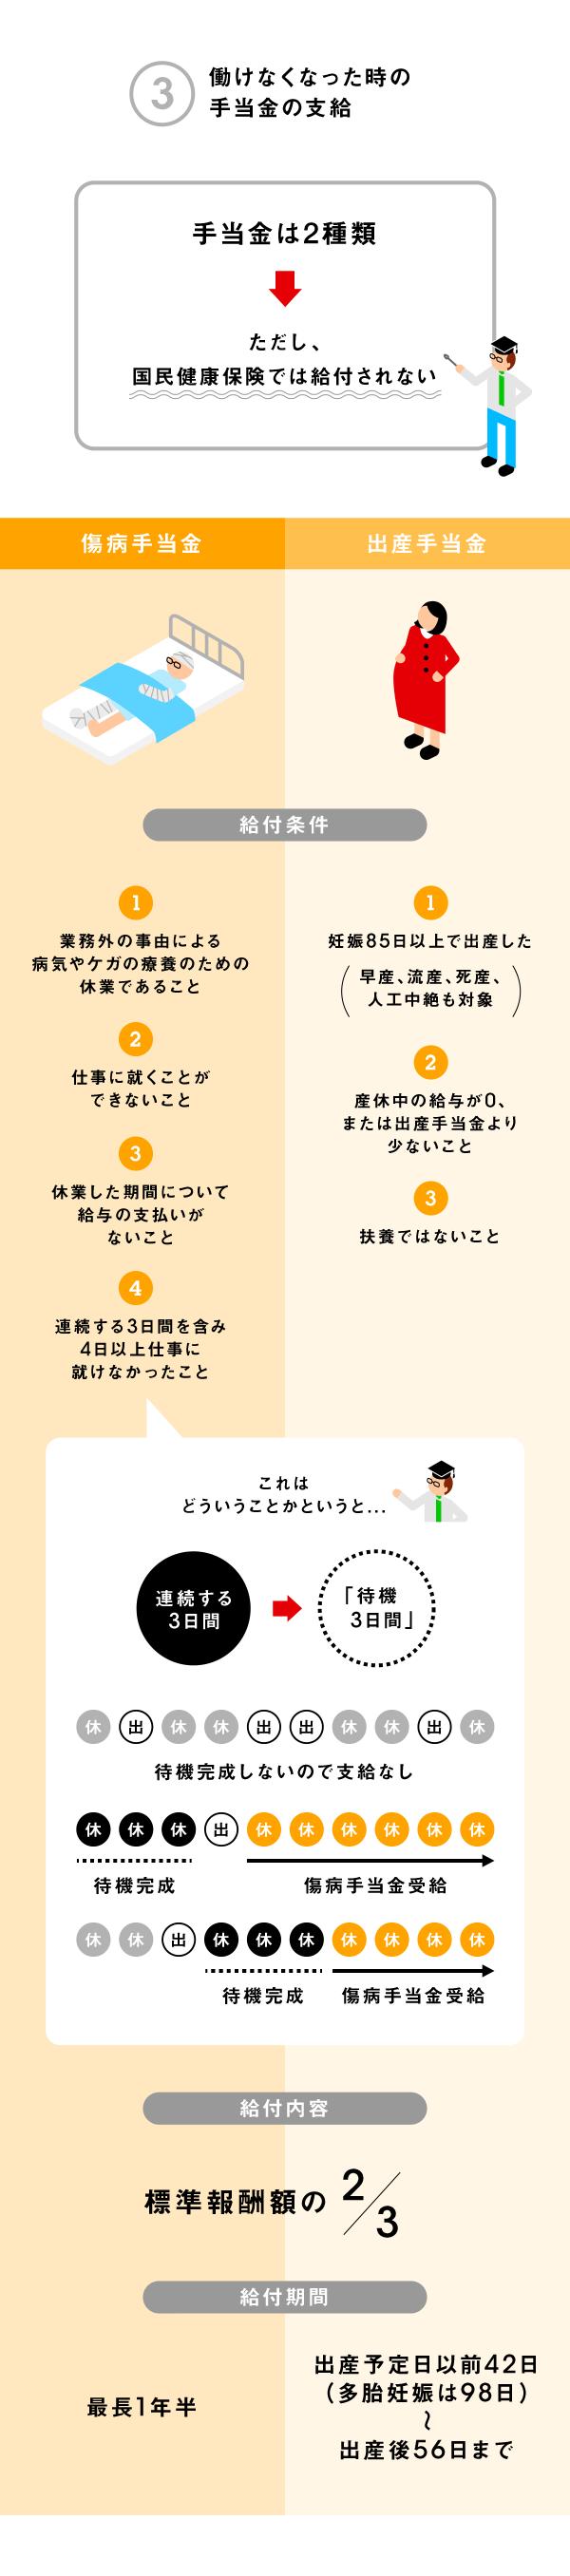 ig27_d